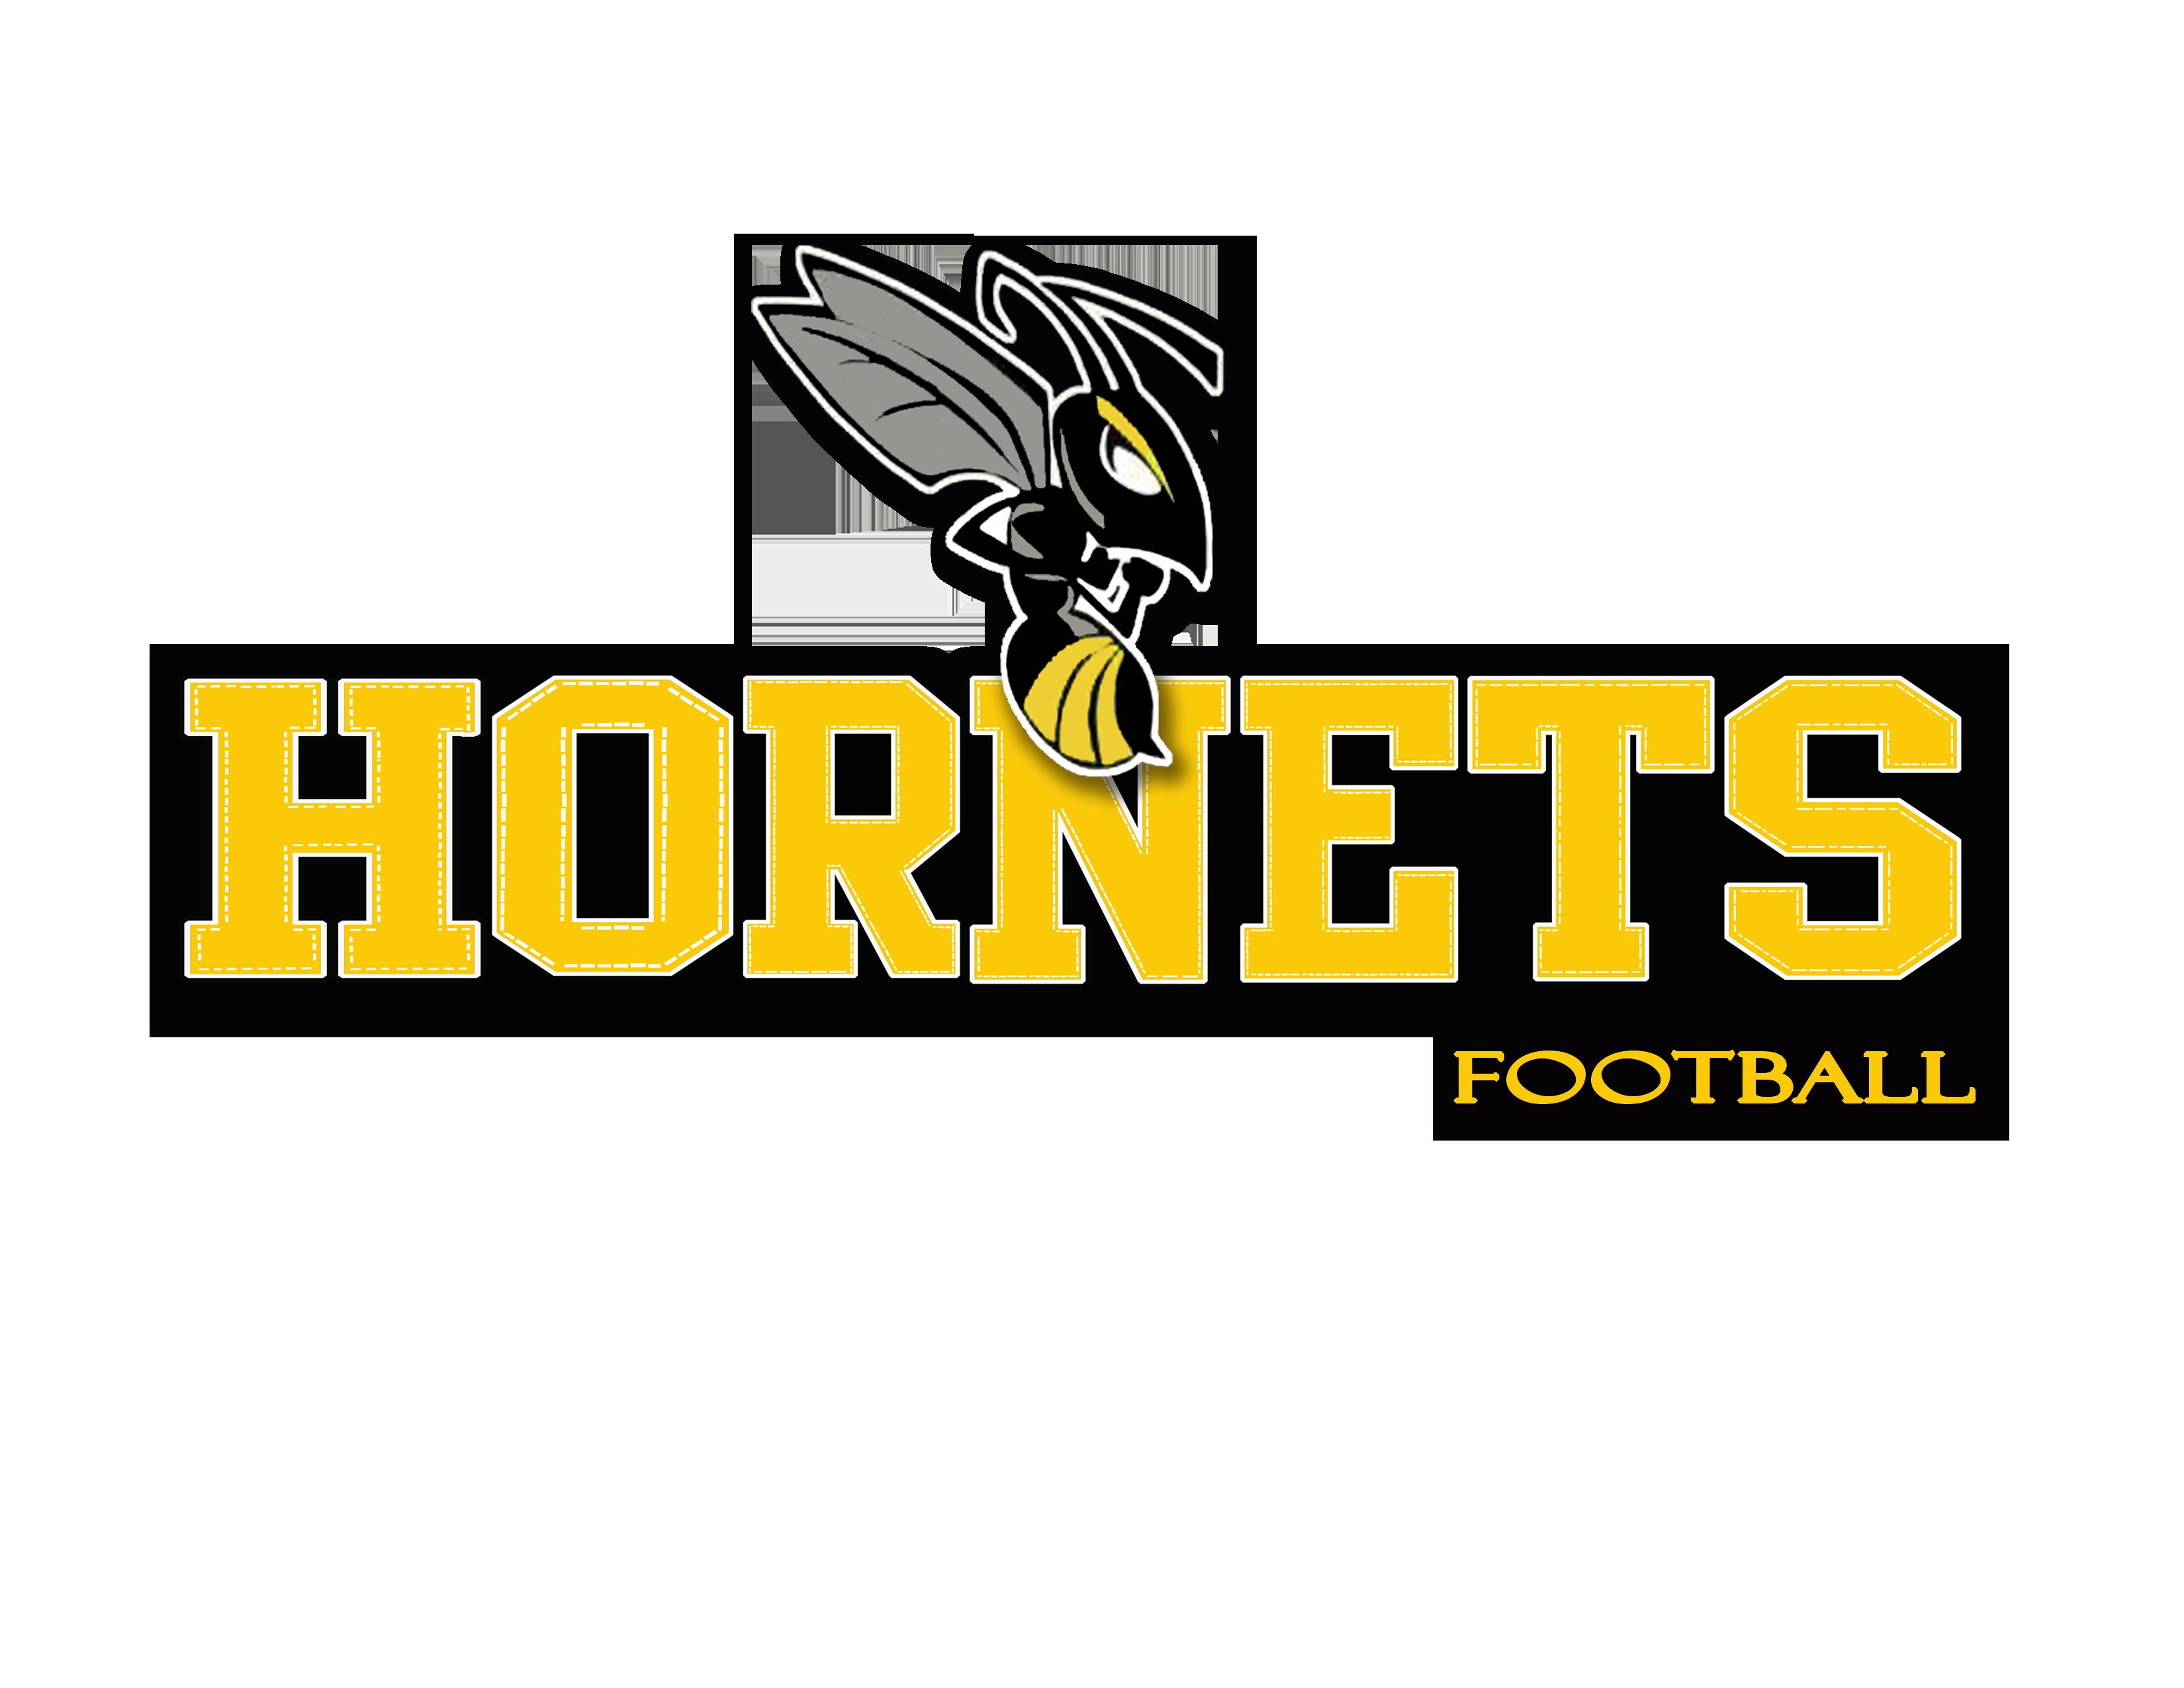 Hornets football cancun canc. Hornet clipart greenville